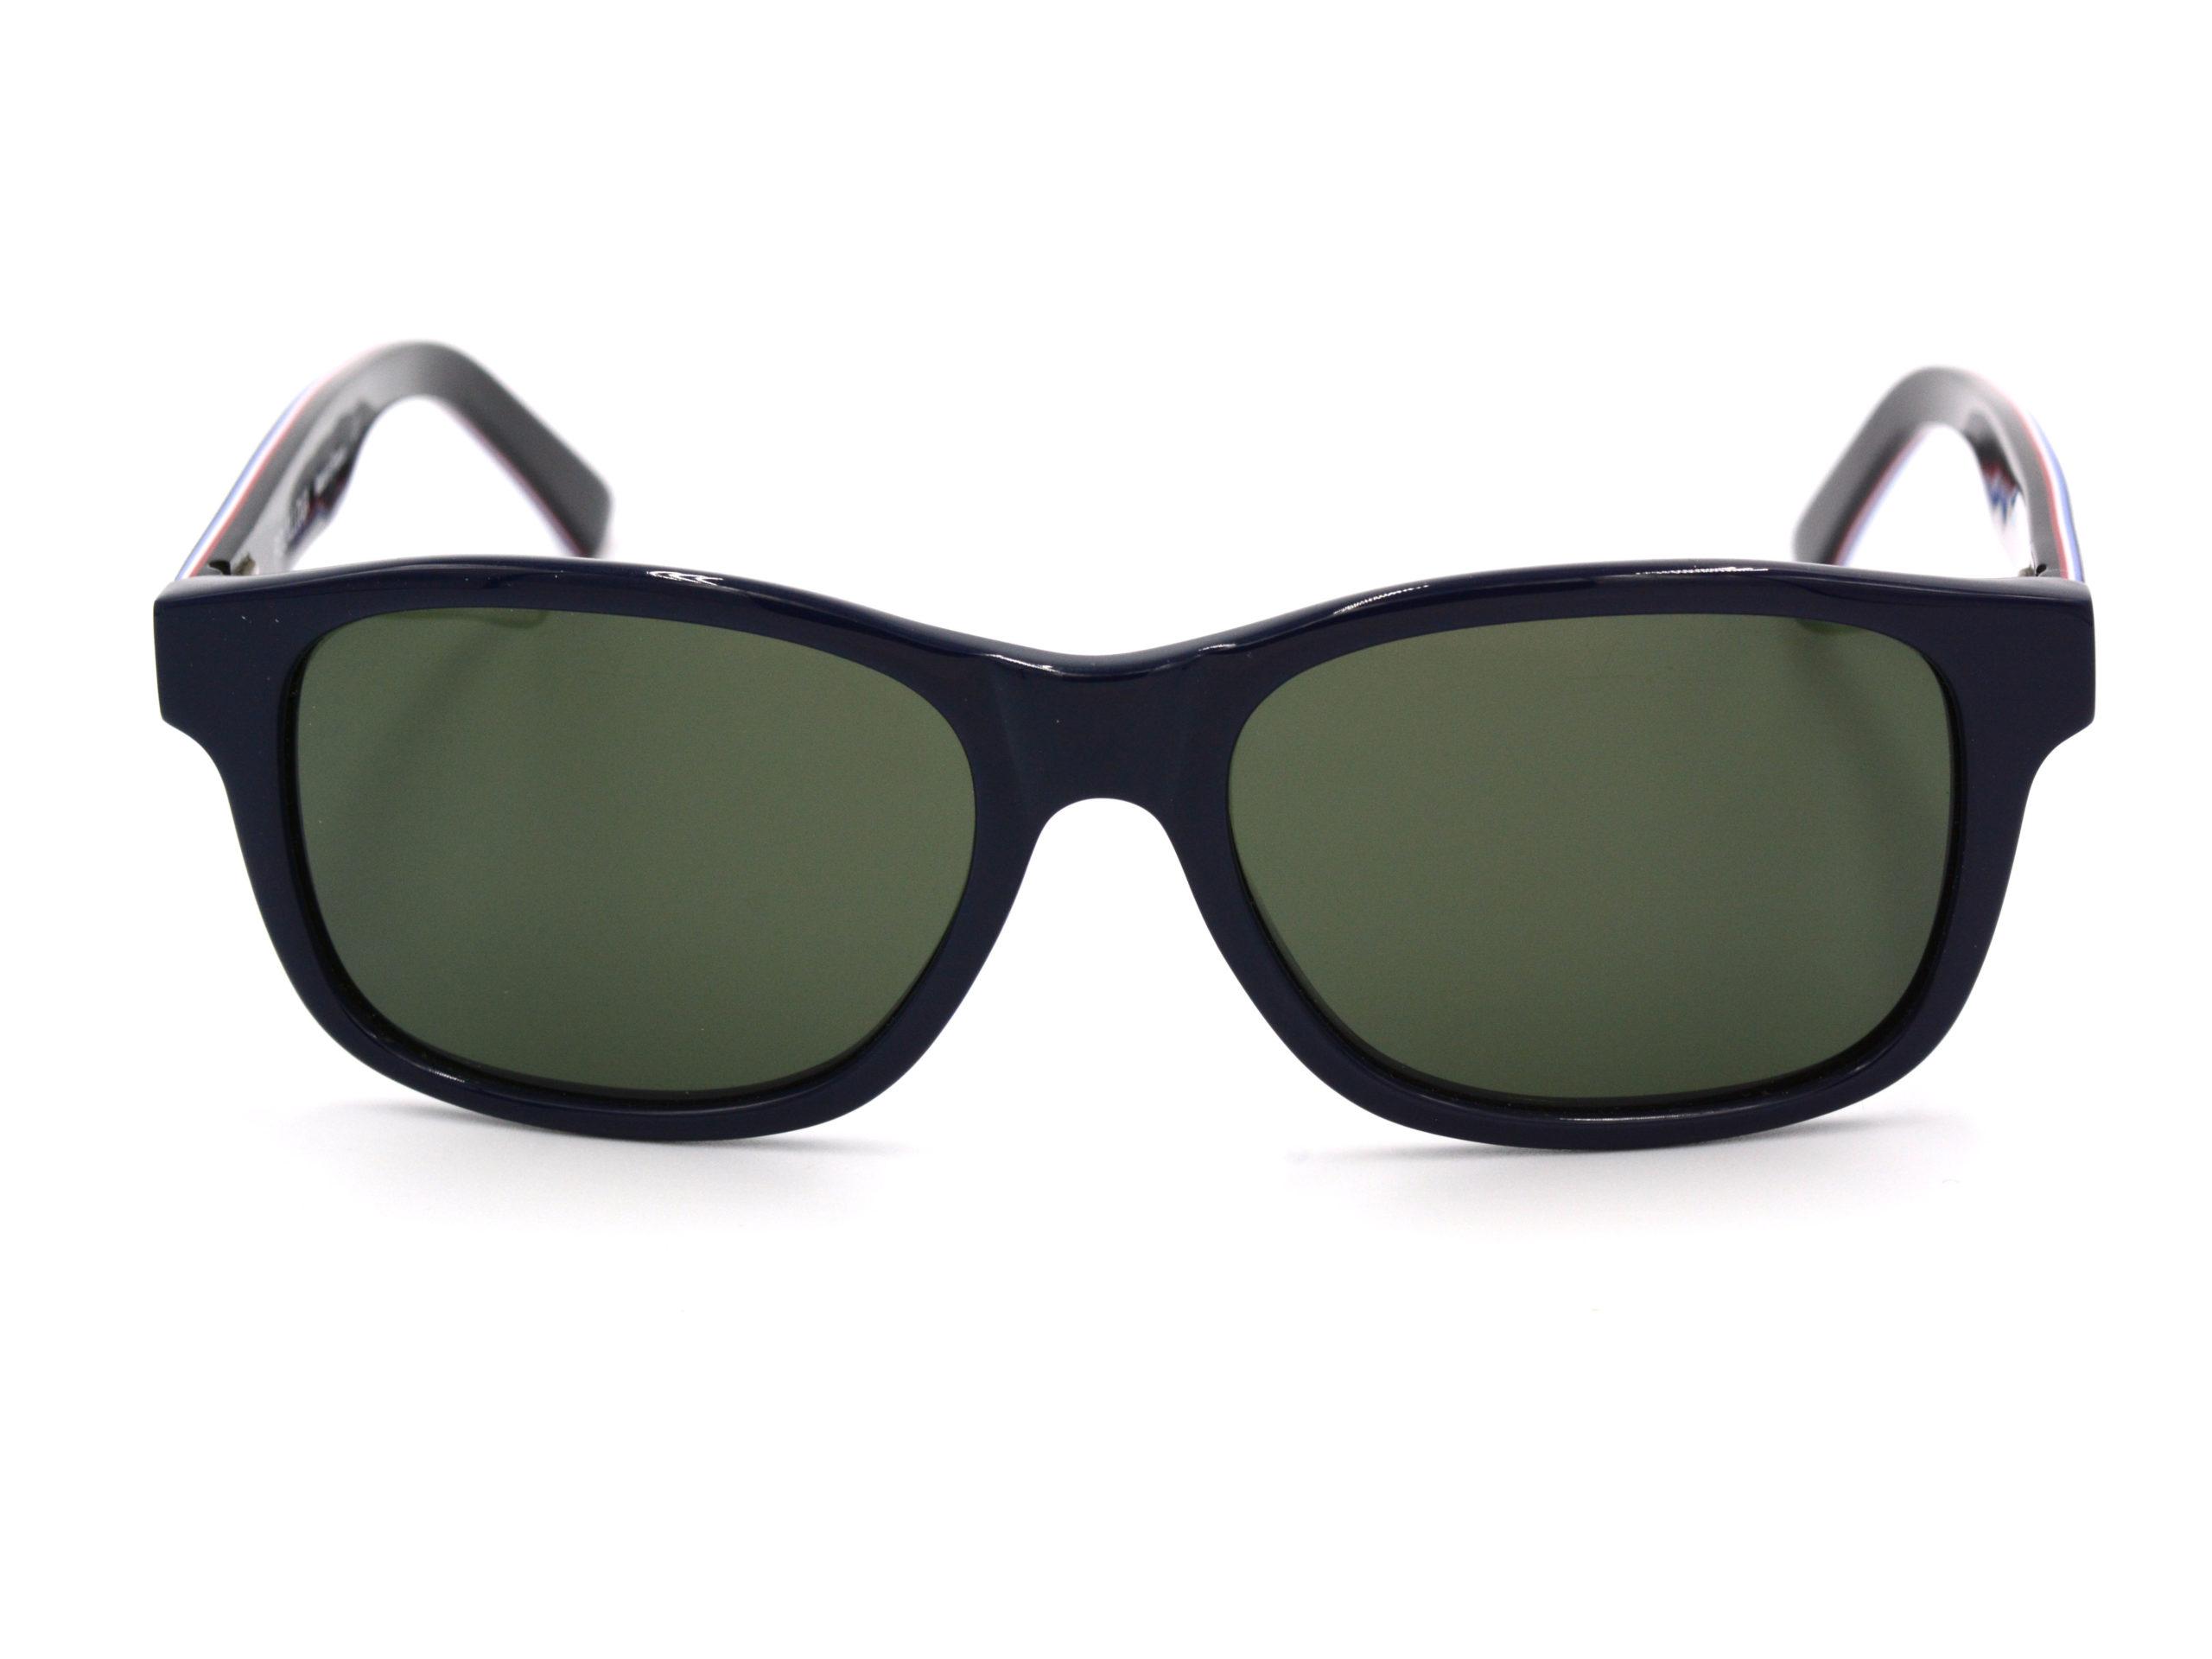 Γυαλιά ηλίου VUARNET VL1303 R01D Πειραιάς